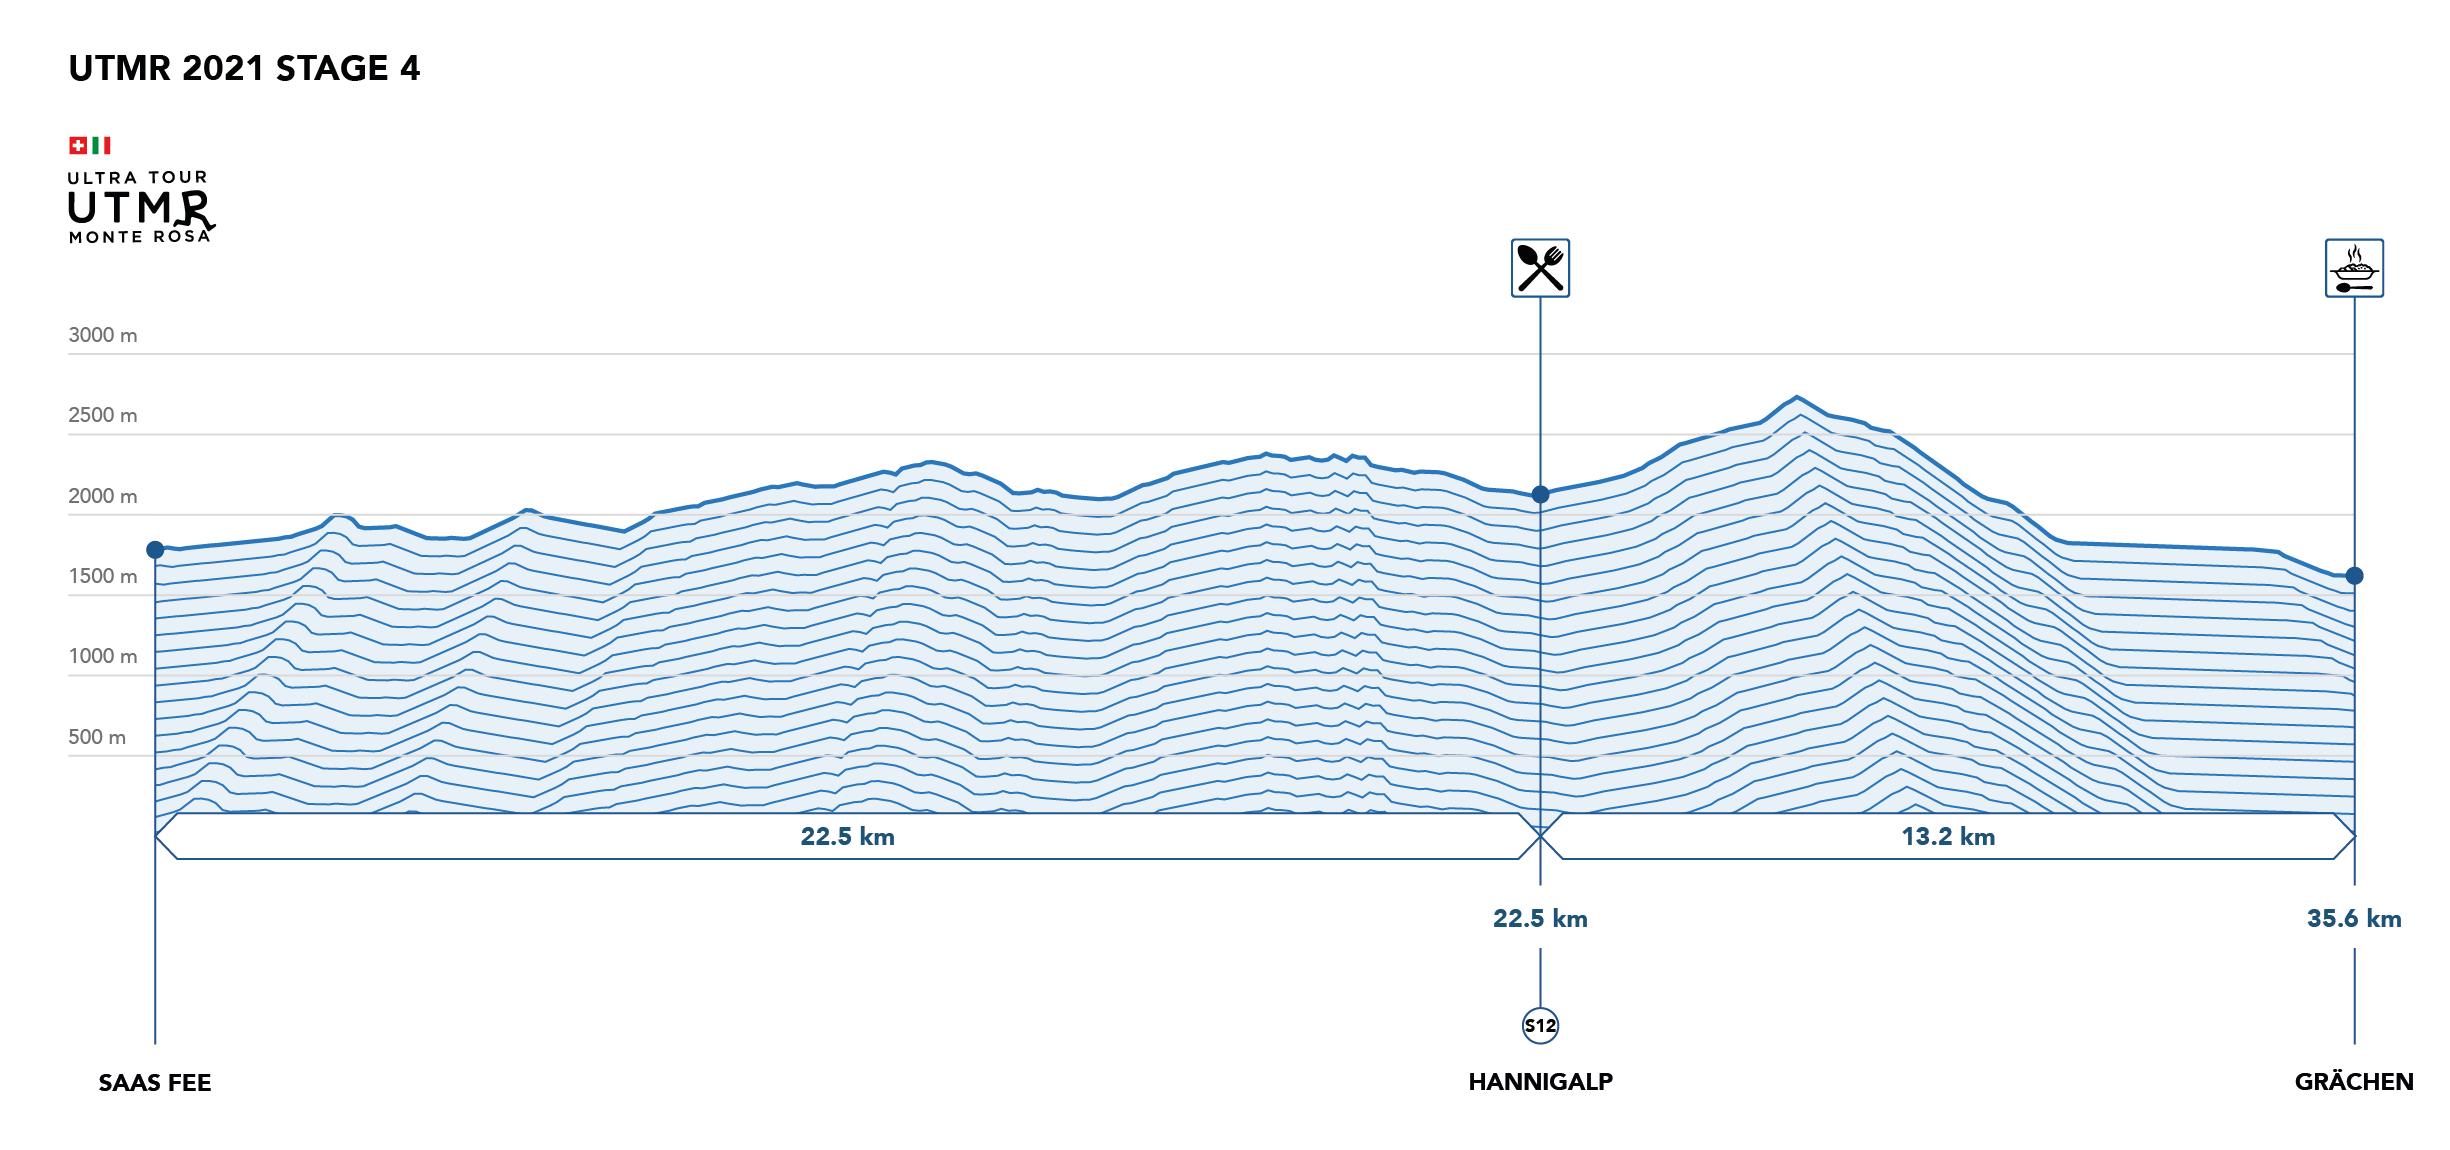 UTMR2021 Profile Stage 4